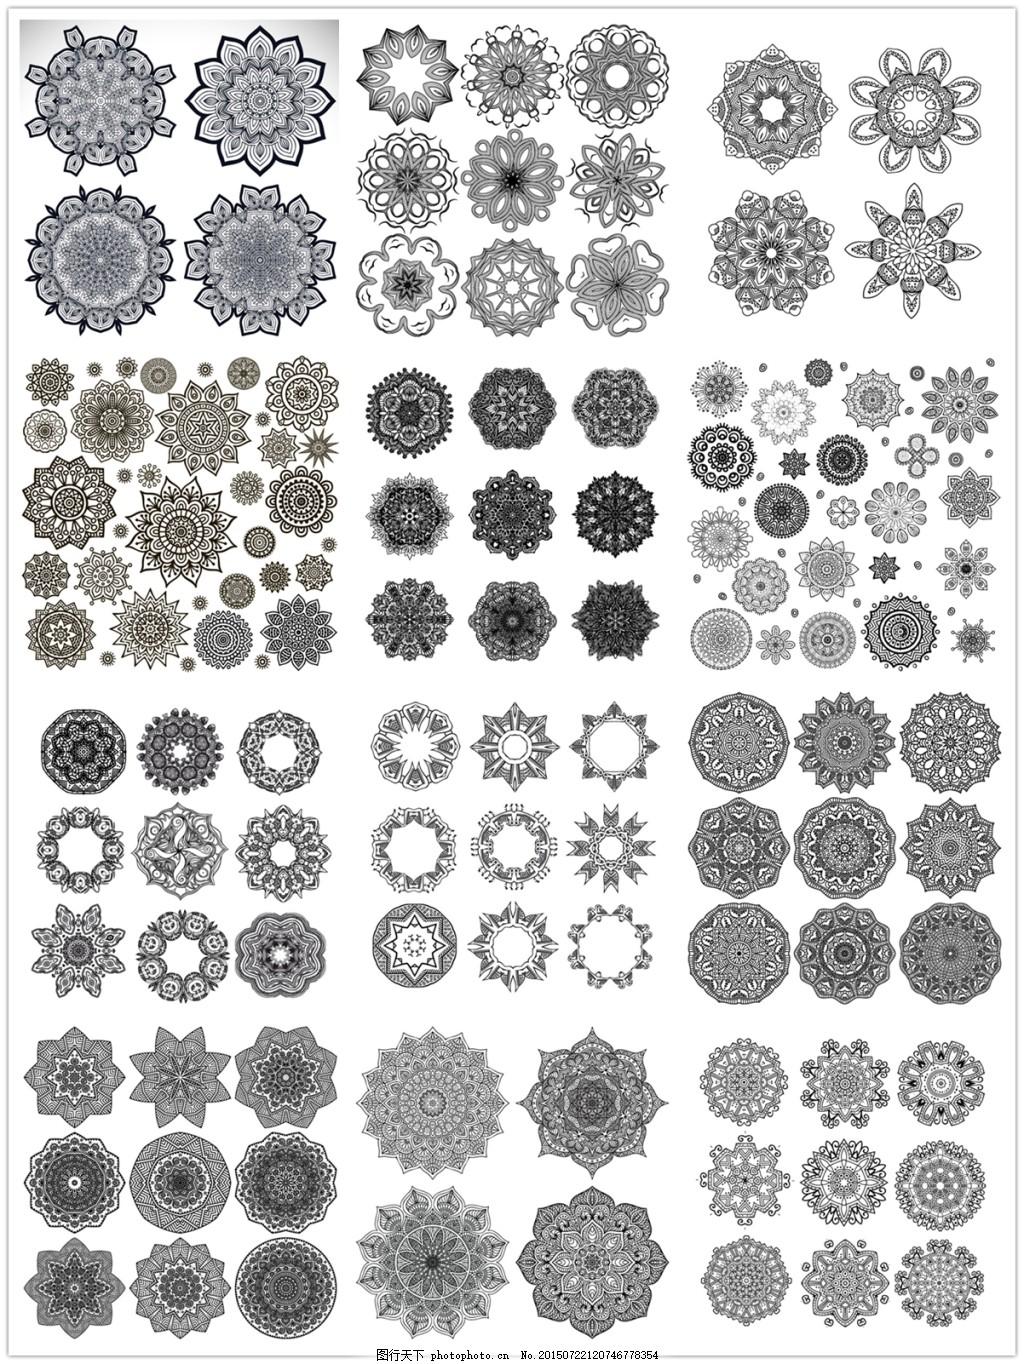 圆形印花花纹 对称花纹 黑白花纹 花纹装饰 欧式花纹 圆环边框